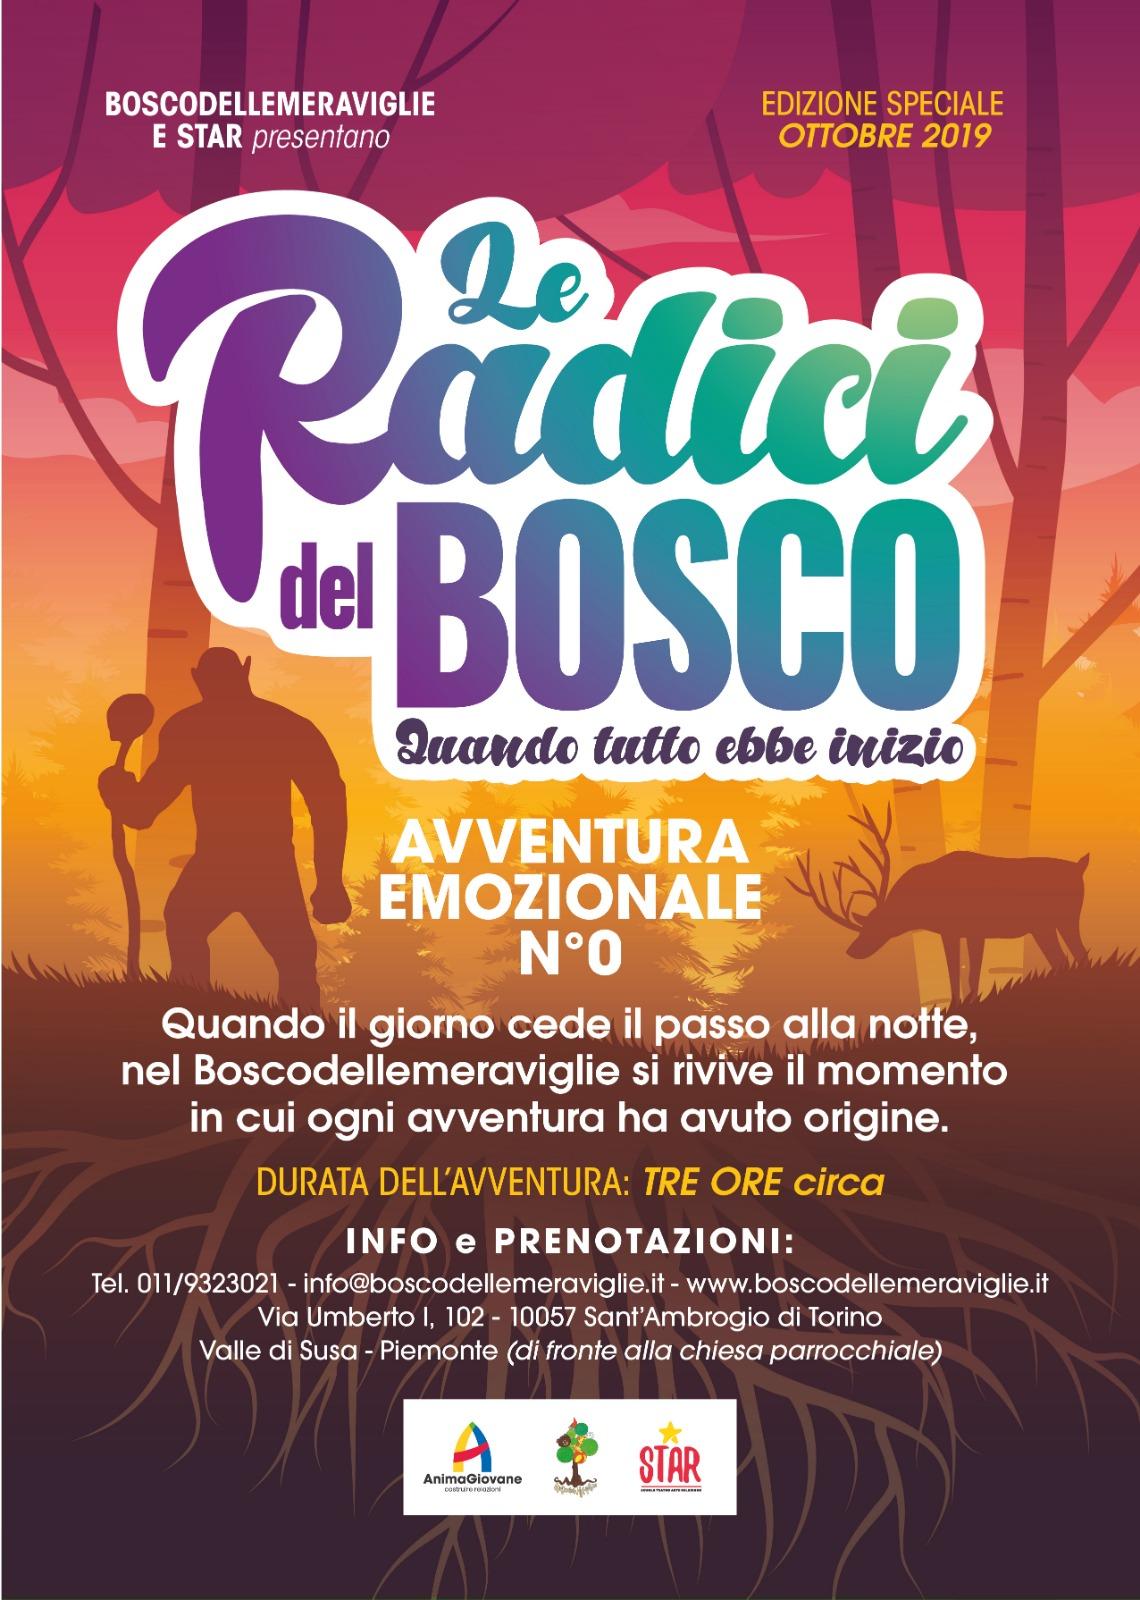 LE-RADICI-DEL-BOSCO-2